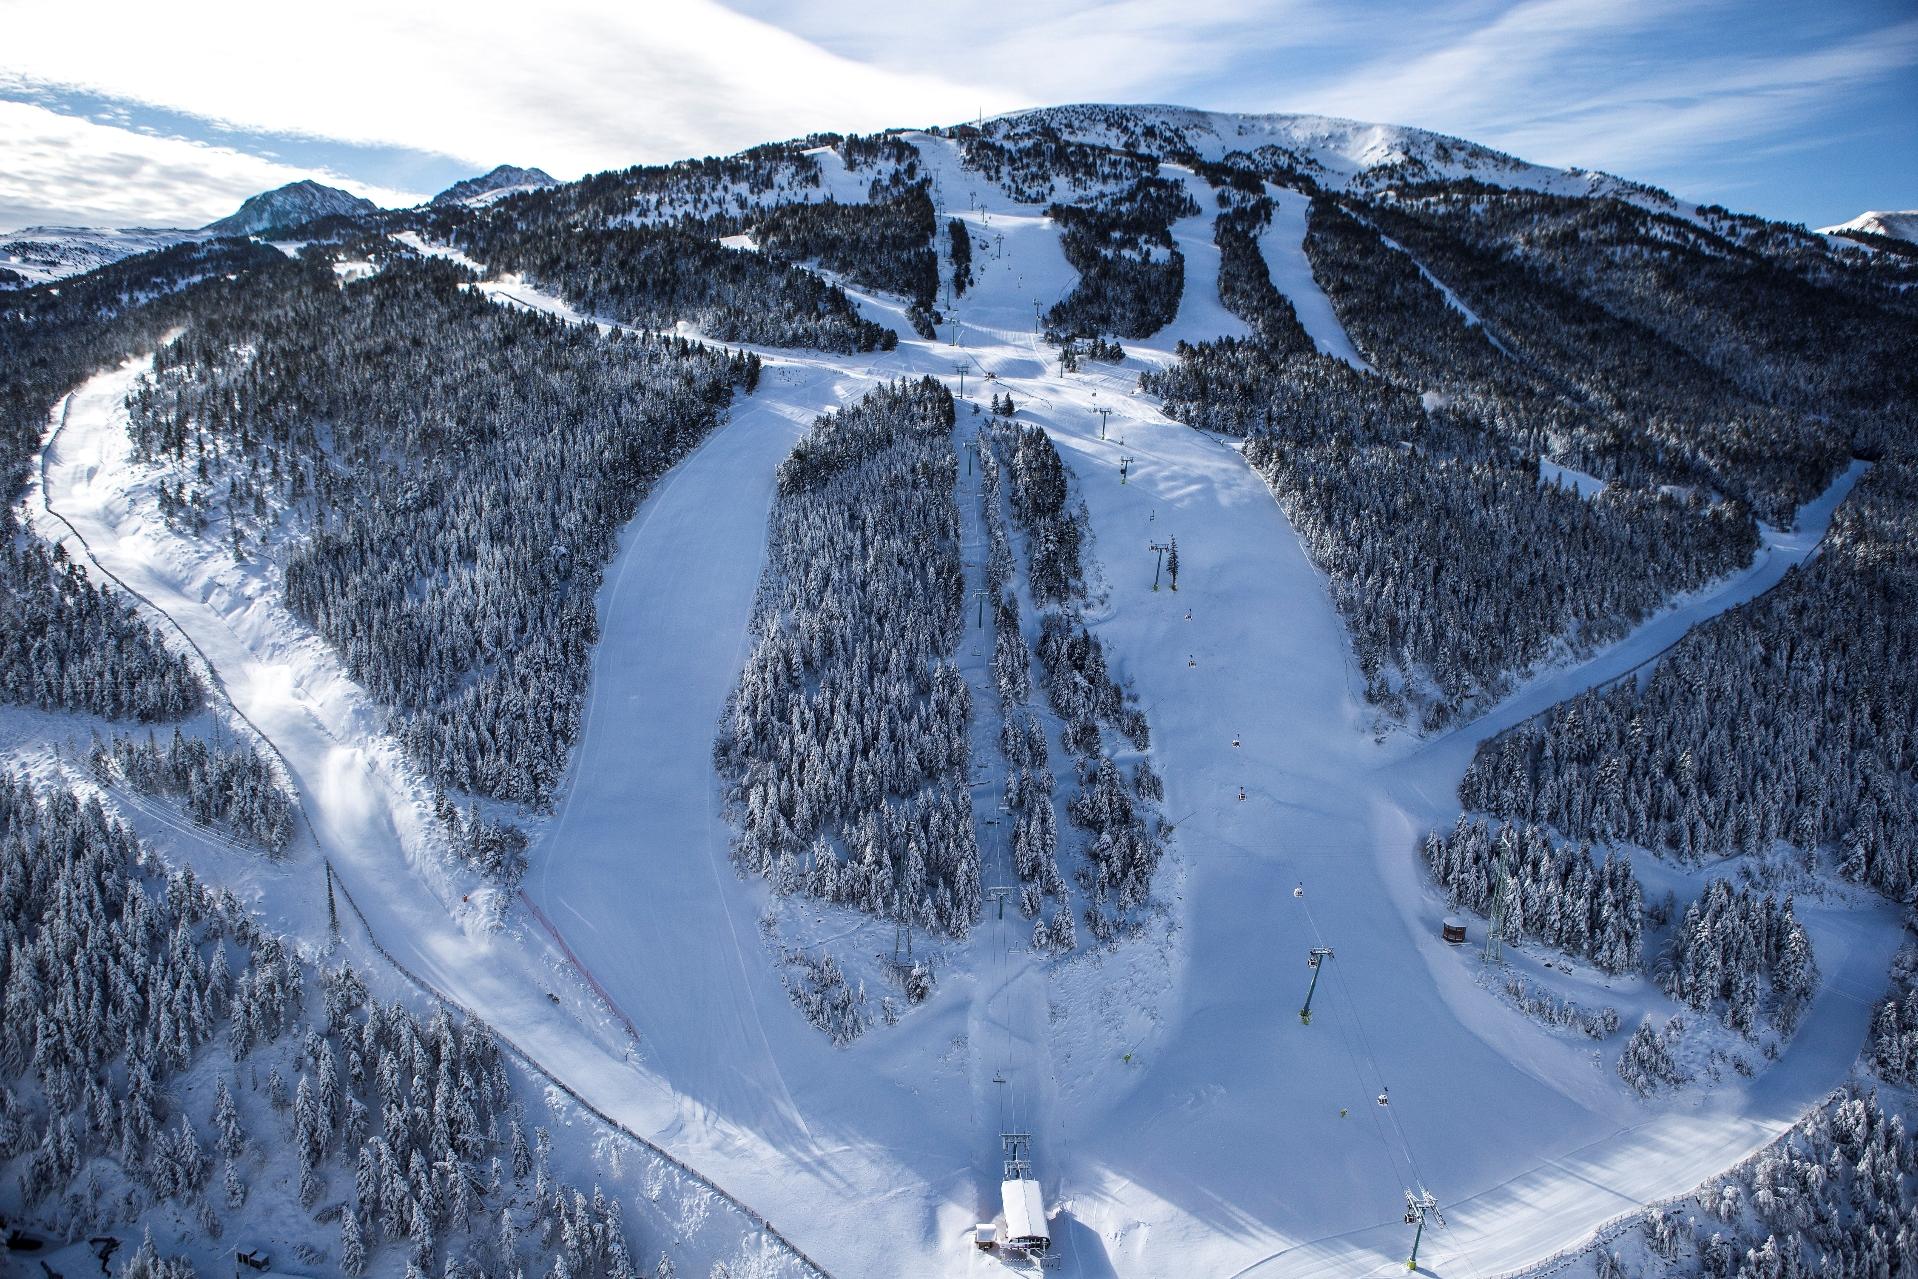 Del 11 al 17 de marzo de 2019, se celebrarán por primera vez en Andorra las finales de la Copa del Mundo FIS de esquí alpino. Un hito histórico que tendrá lugar en Grandvalira, en los sectores de Soldeu y El Tarter y del cual poco a poco vamos desgranando nuevos detalles. El último es muy alentador para los organizadores y es que se estima que más dequinientos millones de espectadores podrían seguir las competiciones a través de las ocho cadenas de televisión que emitirán las pruebas on site.